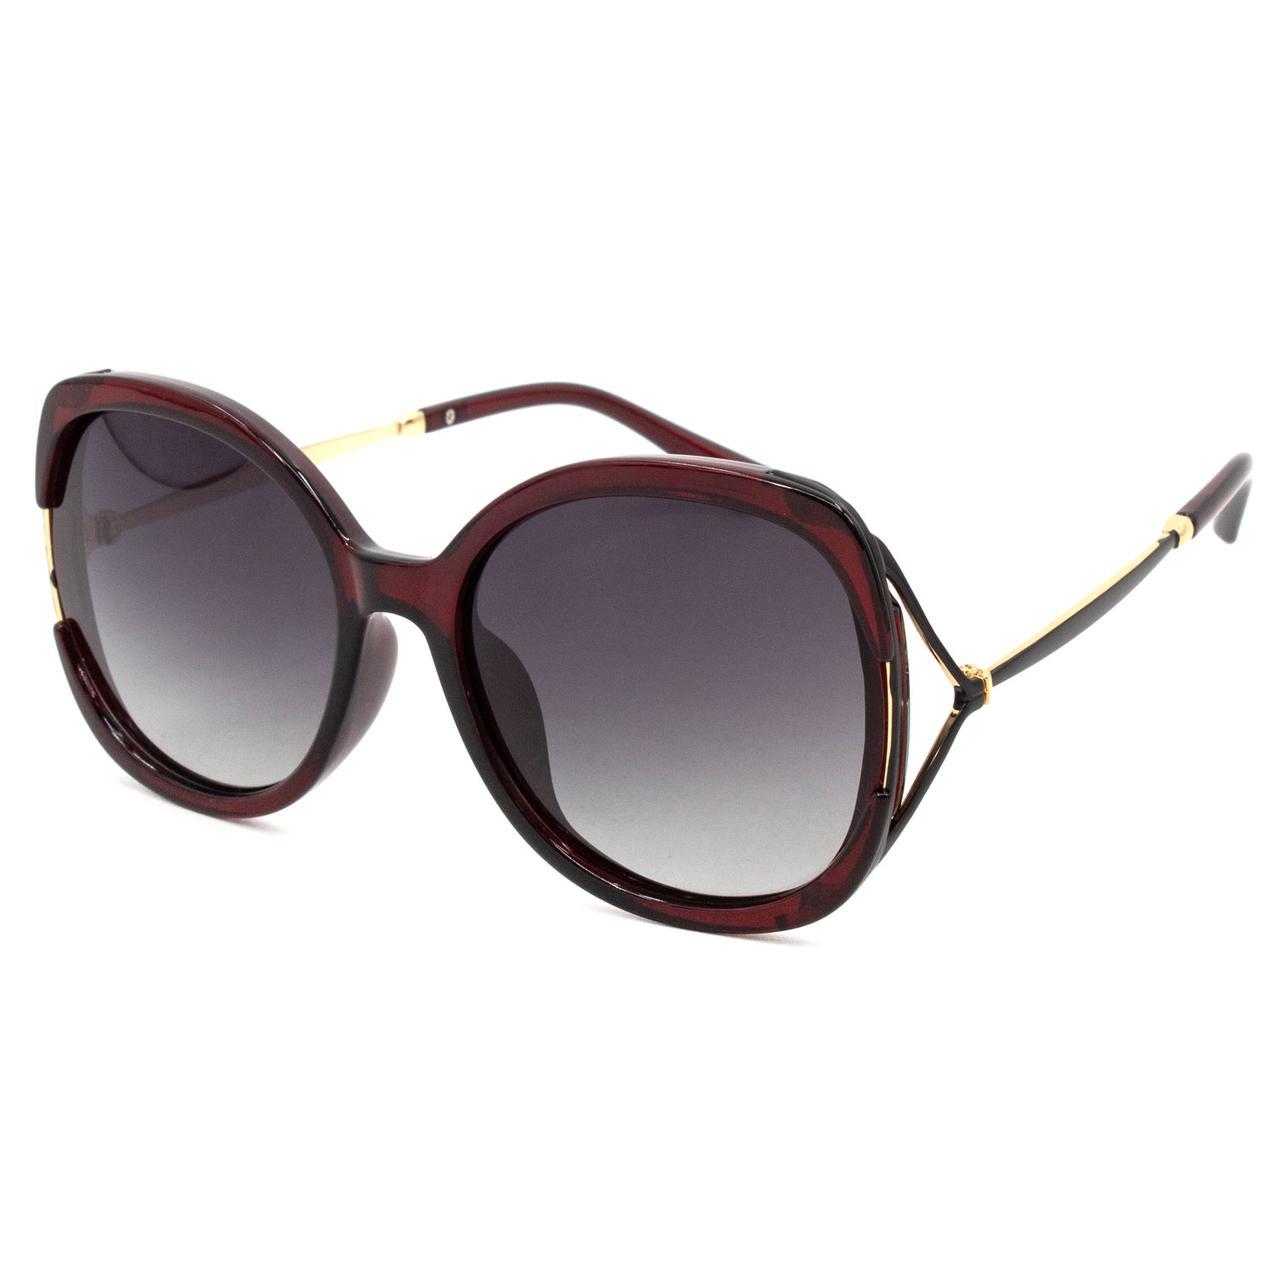 Солнцезащитные очки Marmilen Polar 3217 C3 бордовые    ( 3217-03 )